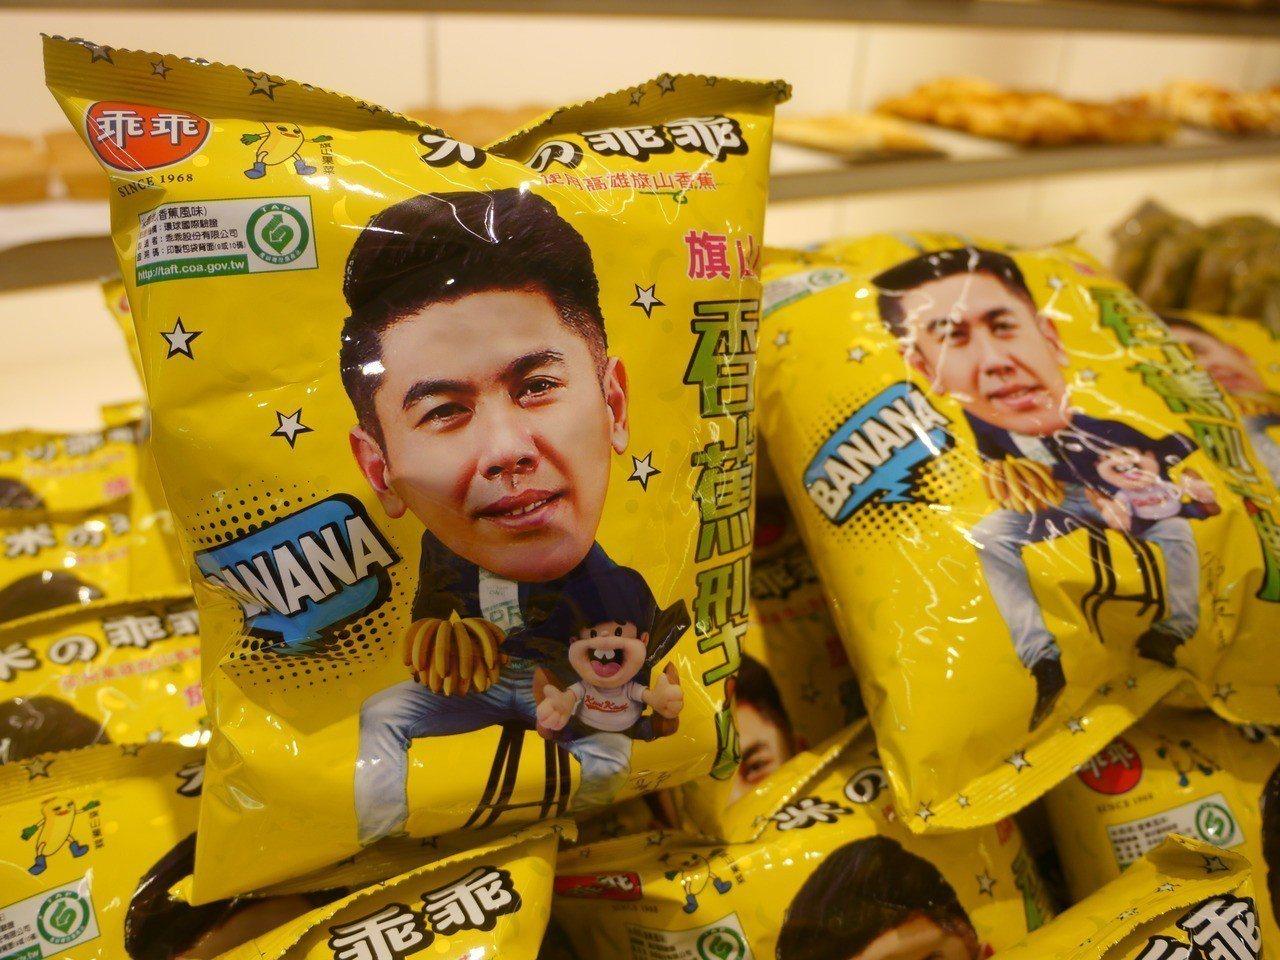 香蕉乖乖每包零售價35元,且是旗山產地限定版商品。記者徐白櫻/攝影